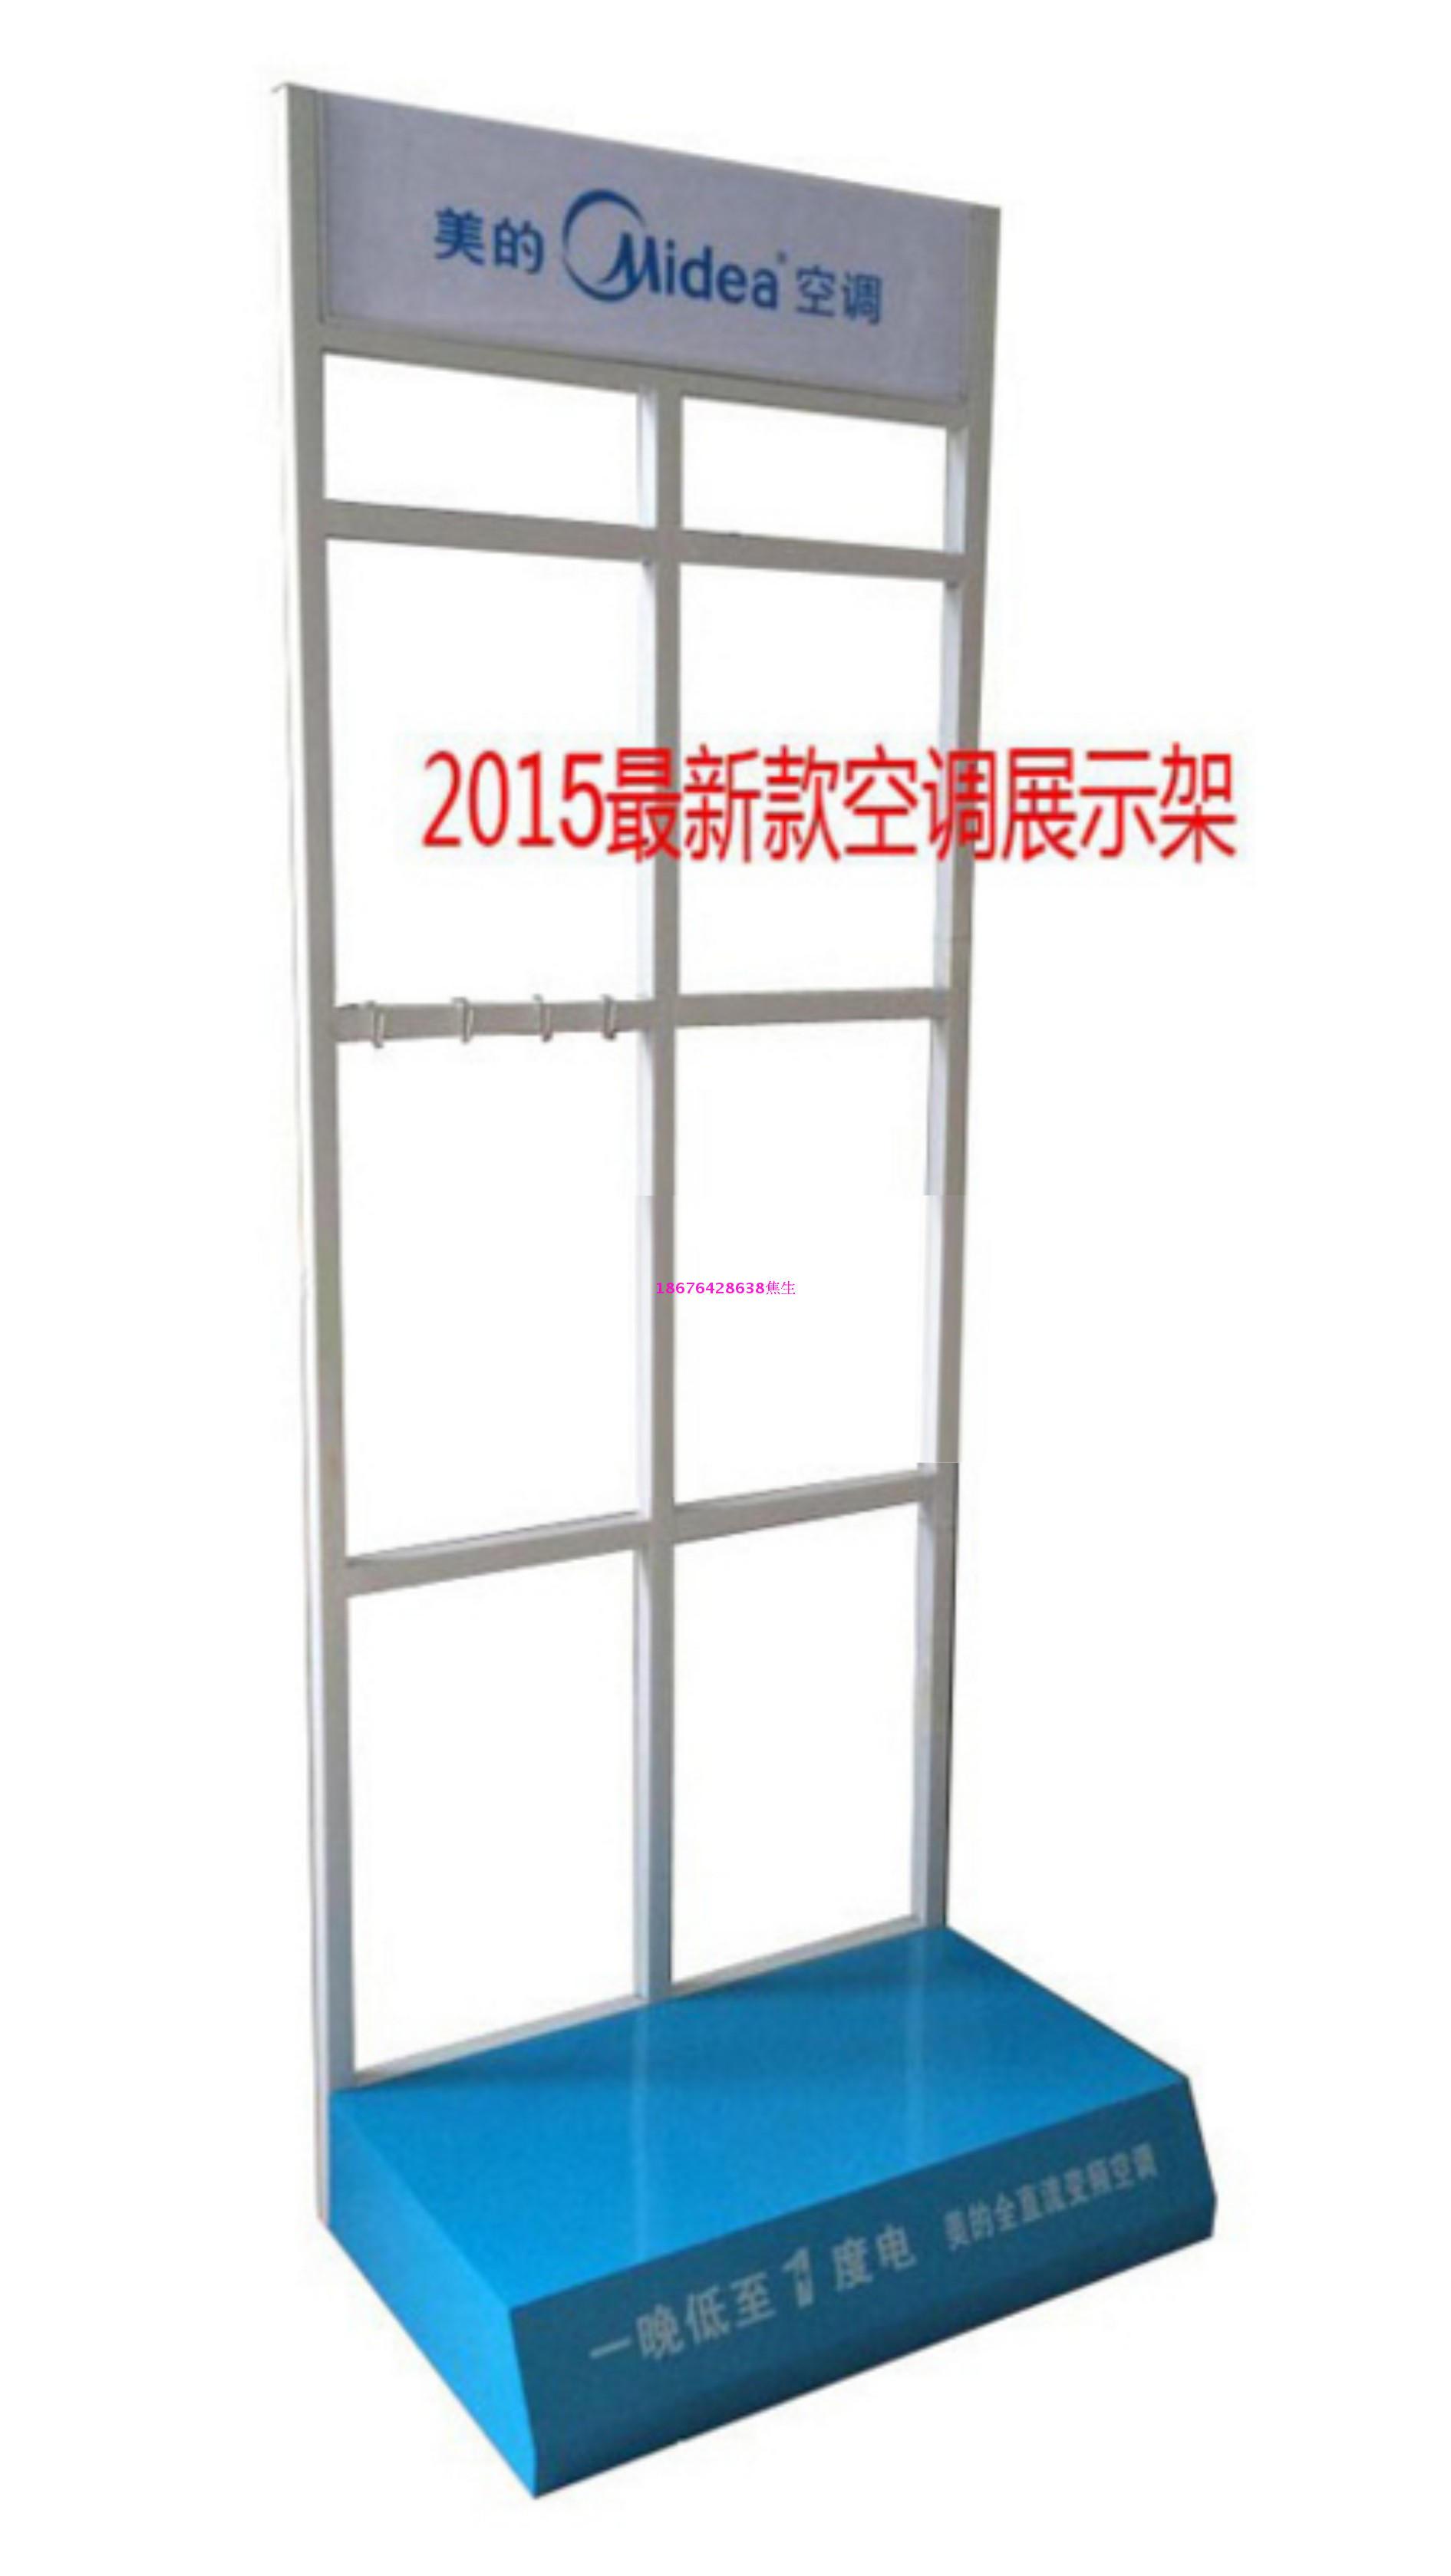 厨卫 展架 vásárokon a természetet a füstgépet. elektromechanikus vízmelegítők víztisztító légkondicionáló szórólapos állványnál.